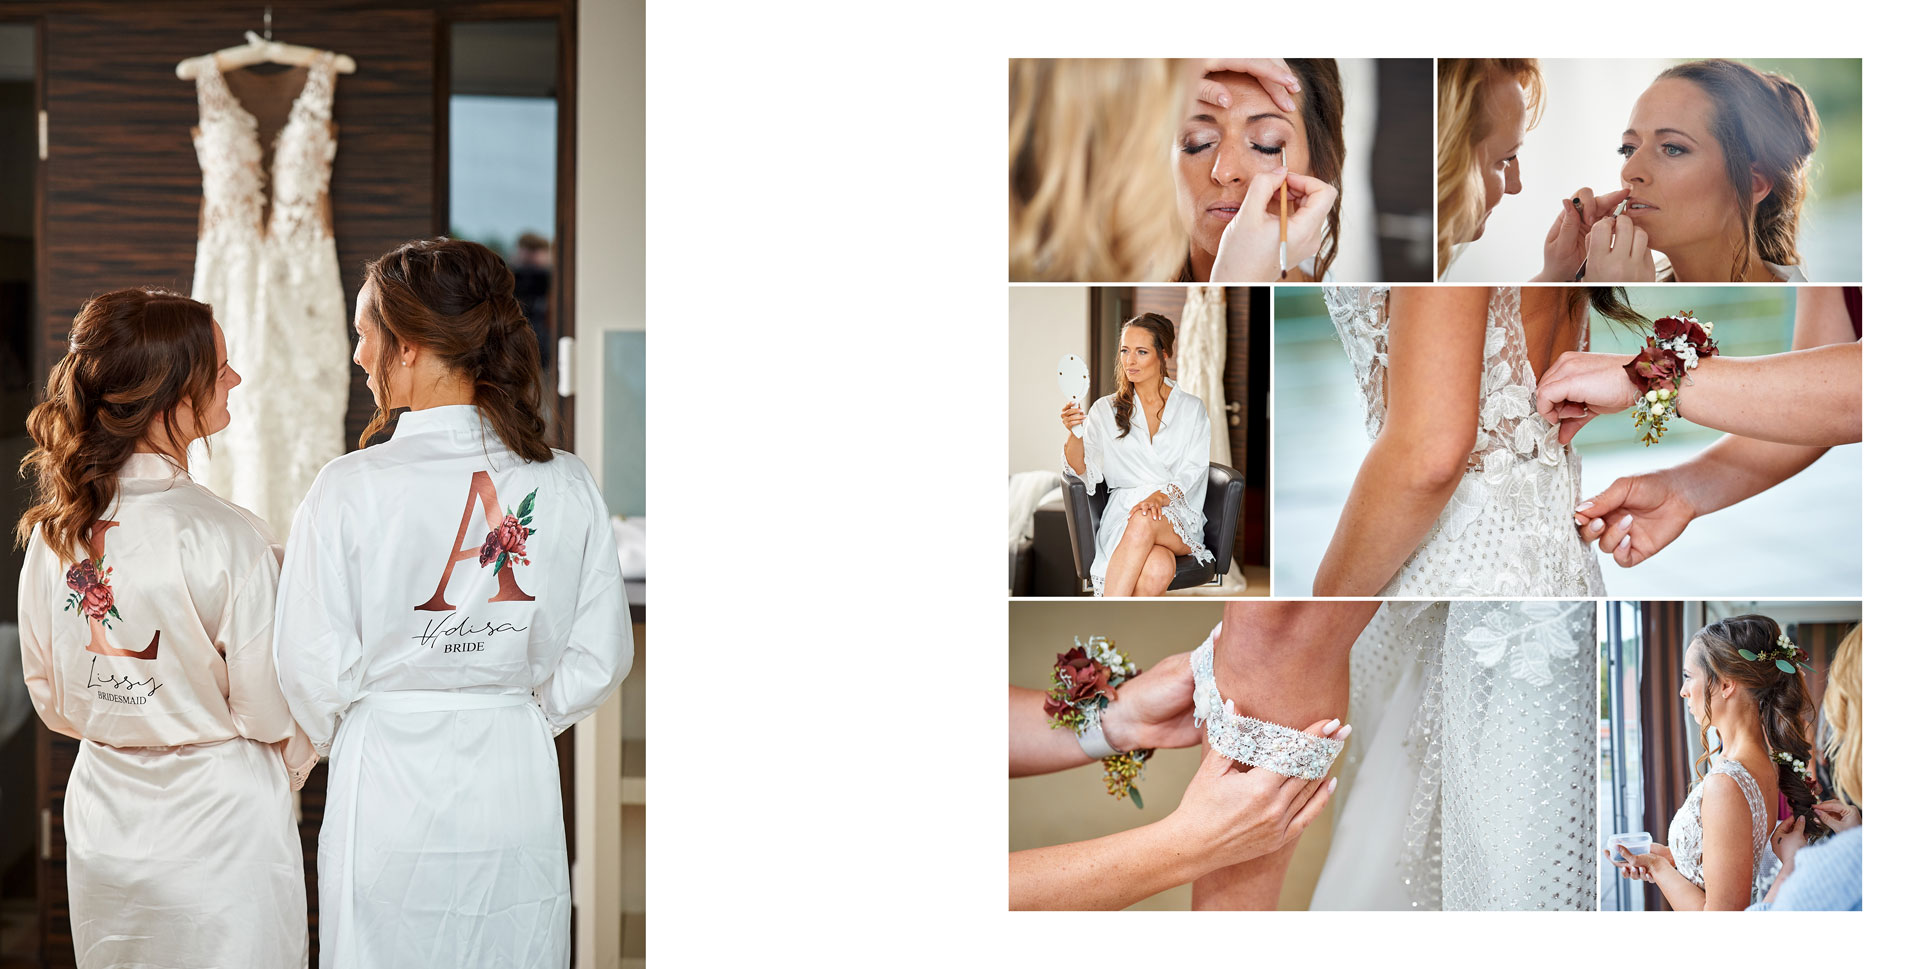 Hochzeitsfotograf Melle Lichtgestalt by Schreer